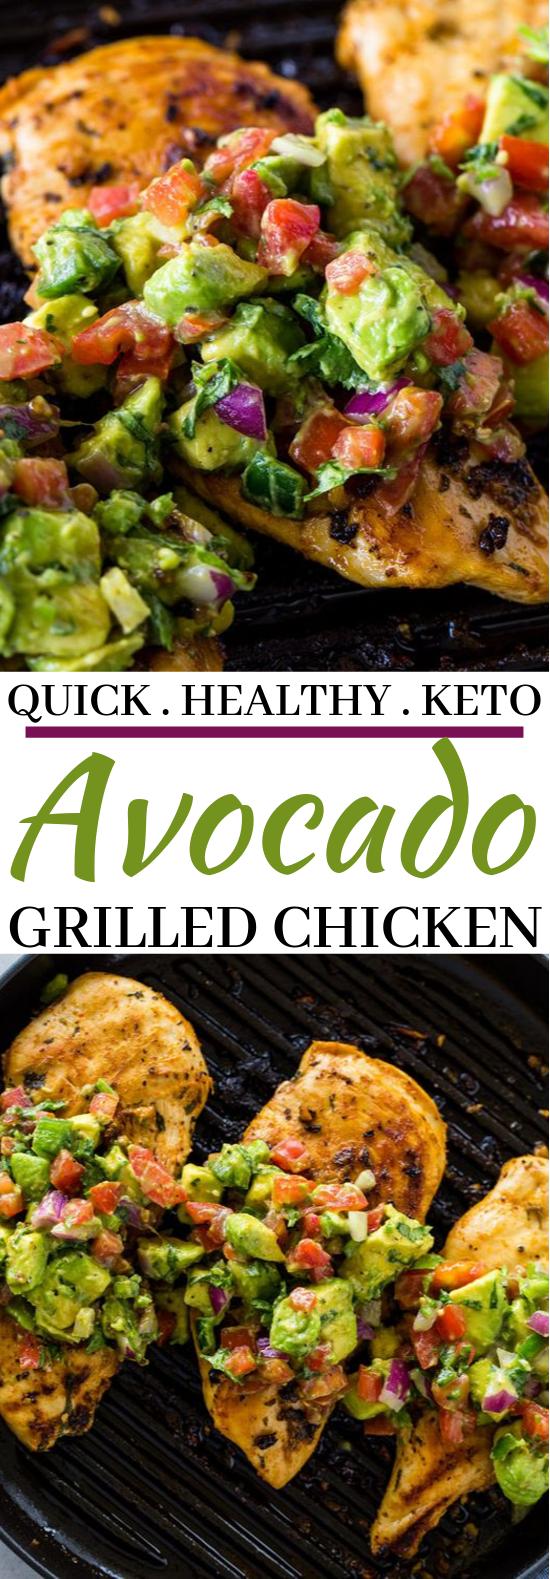 Grilled Chicken with Avocado Salsa #healthy #glutenfree